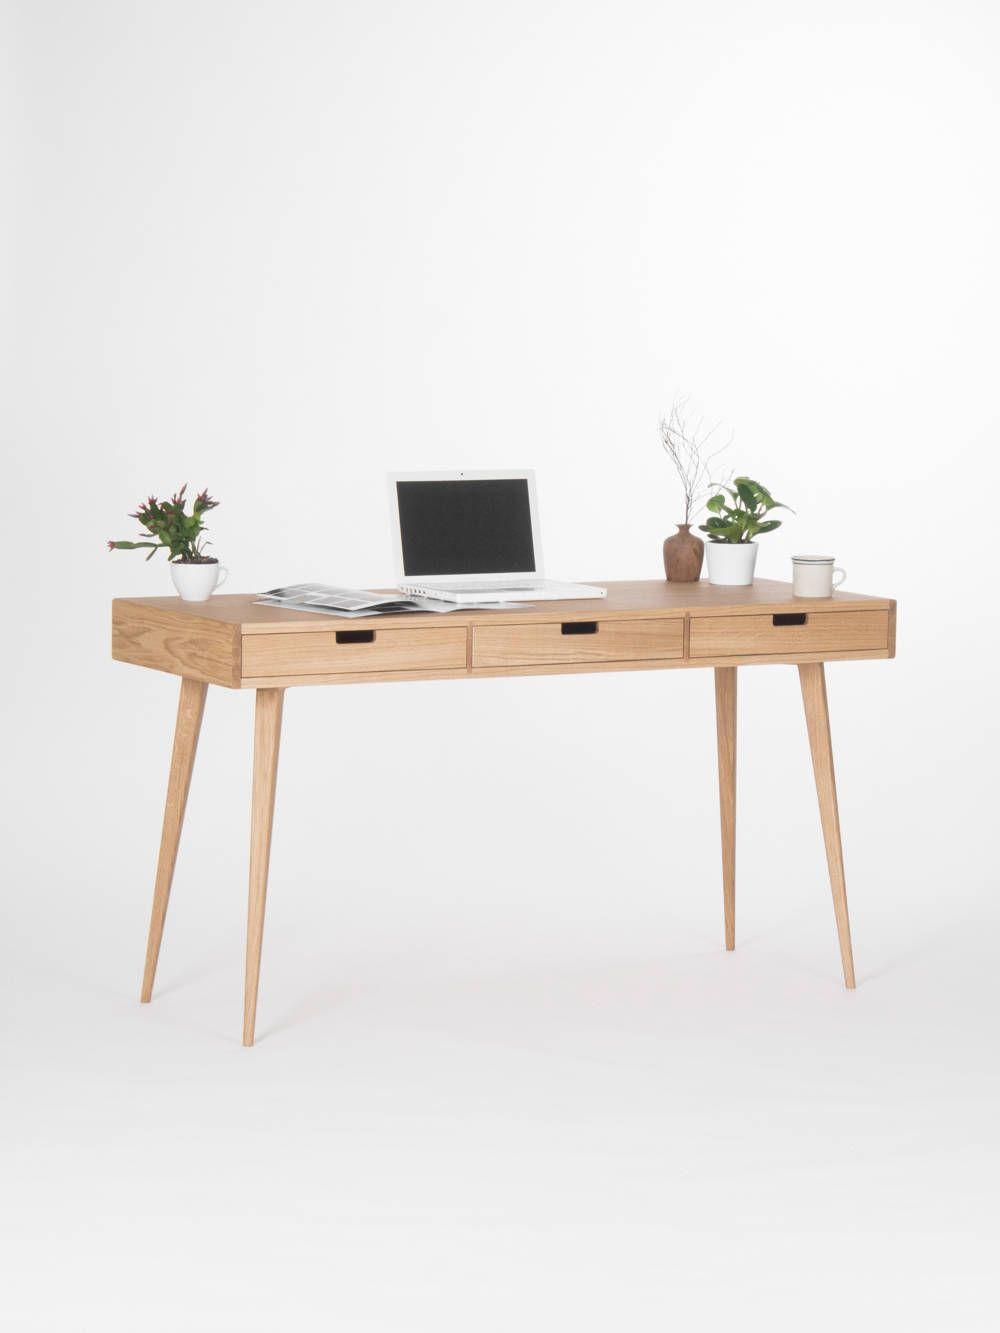 Biurko O Szer 140cm Z Trzema Szufladami W Kolorze Debowym Good Inside In 2021 Modern Wooden Desk Oak Desk Modern Wooden Desk